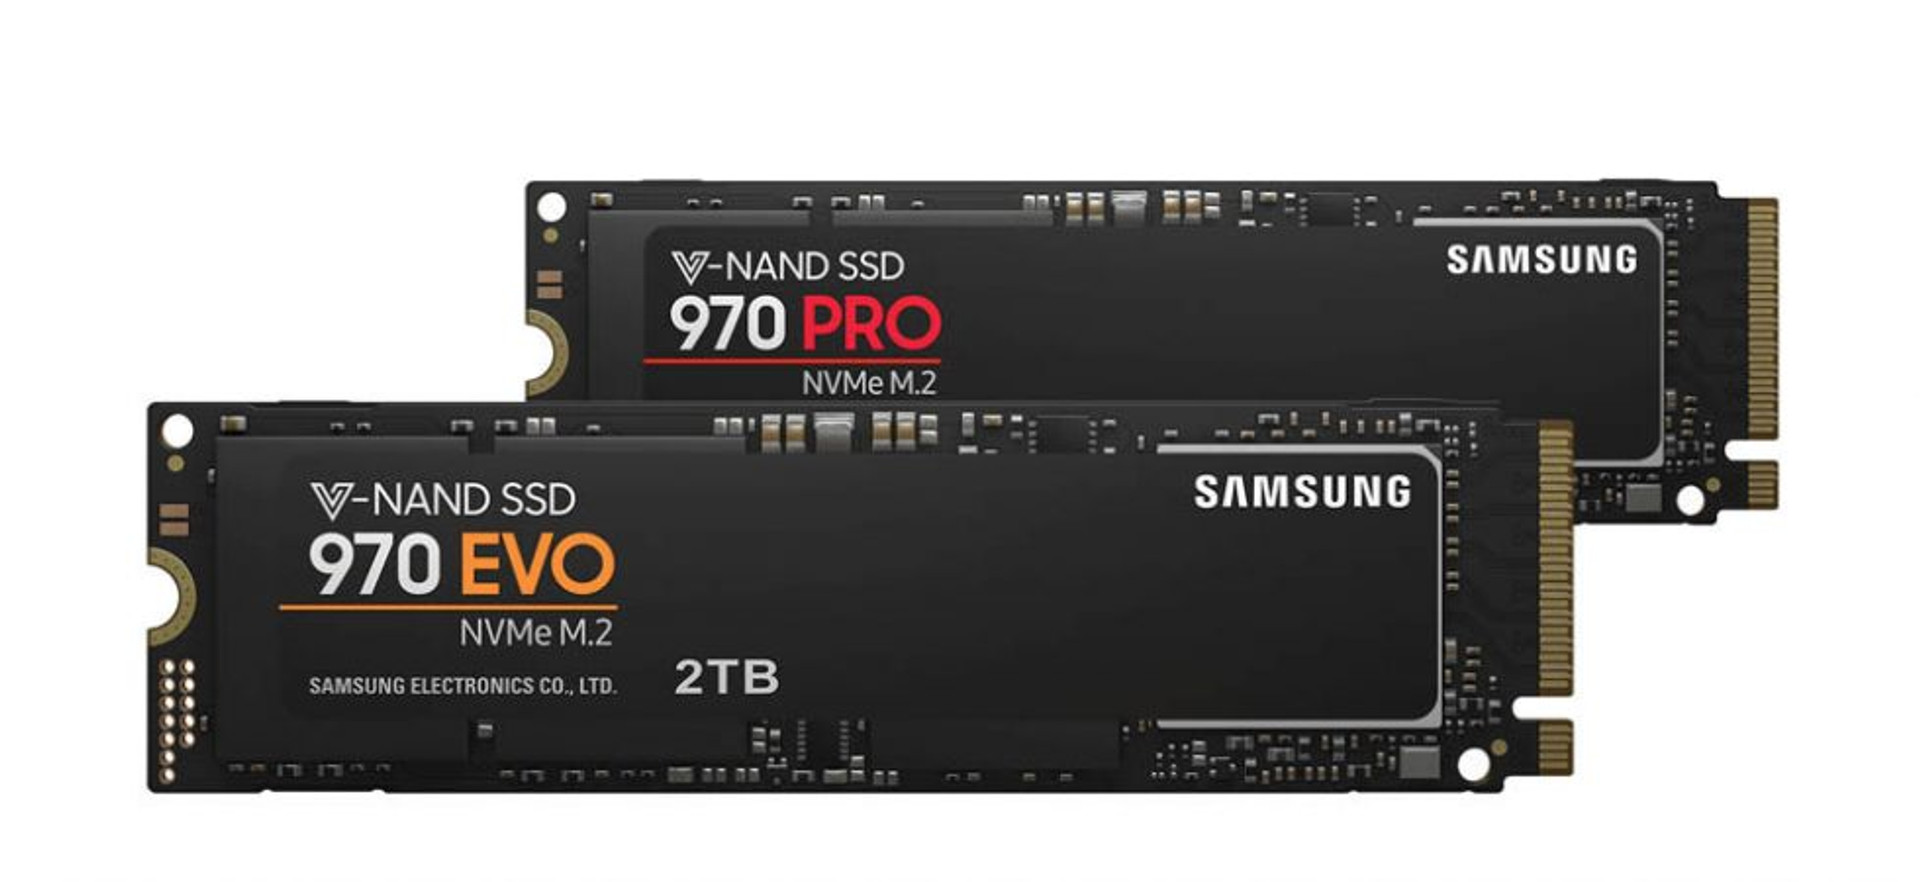 Samsung 970 M.2 SSD